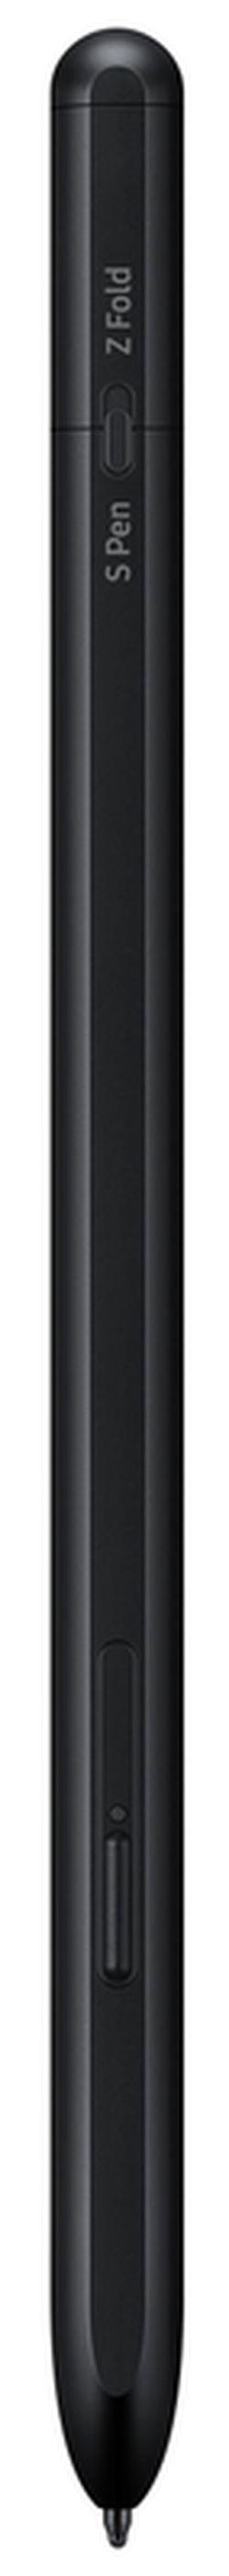 cumpără Accesoriu pentru aparat mobil Samsung EJ-P5450 S Pen Pro Black în Chișinău